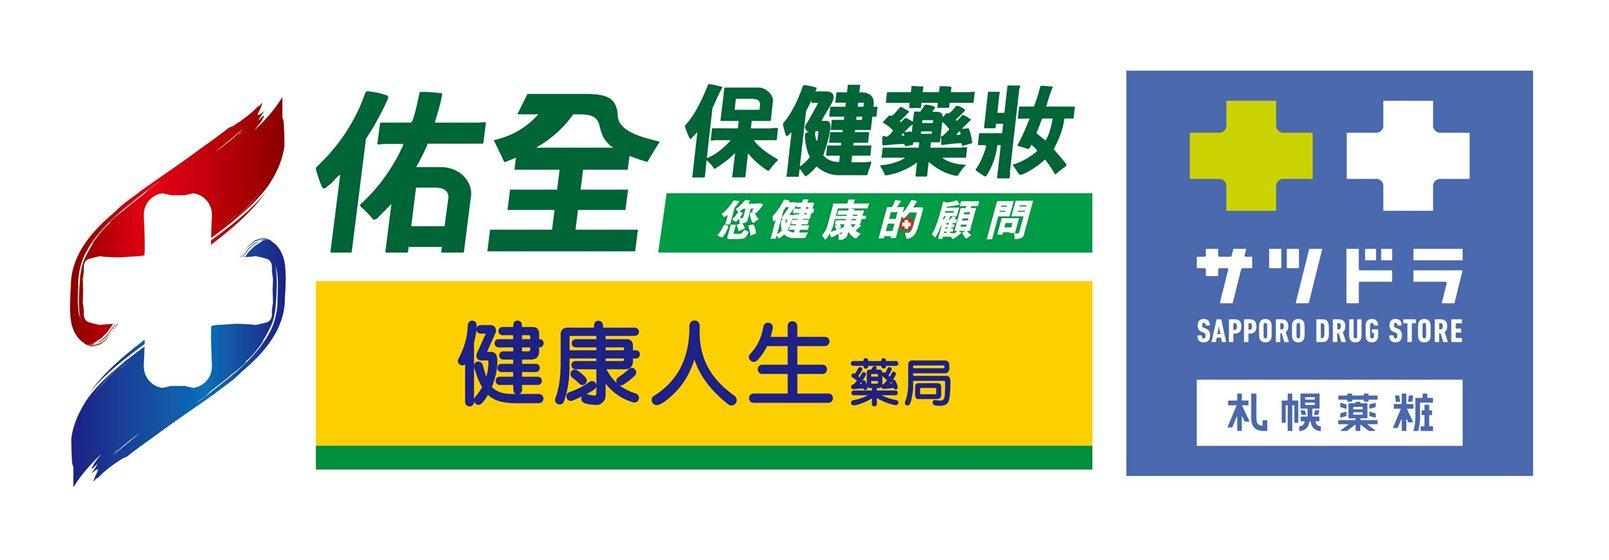 佑全保健藥妝店_勝霖藥品股份有限公司高薪職缺